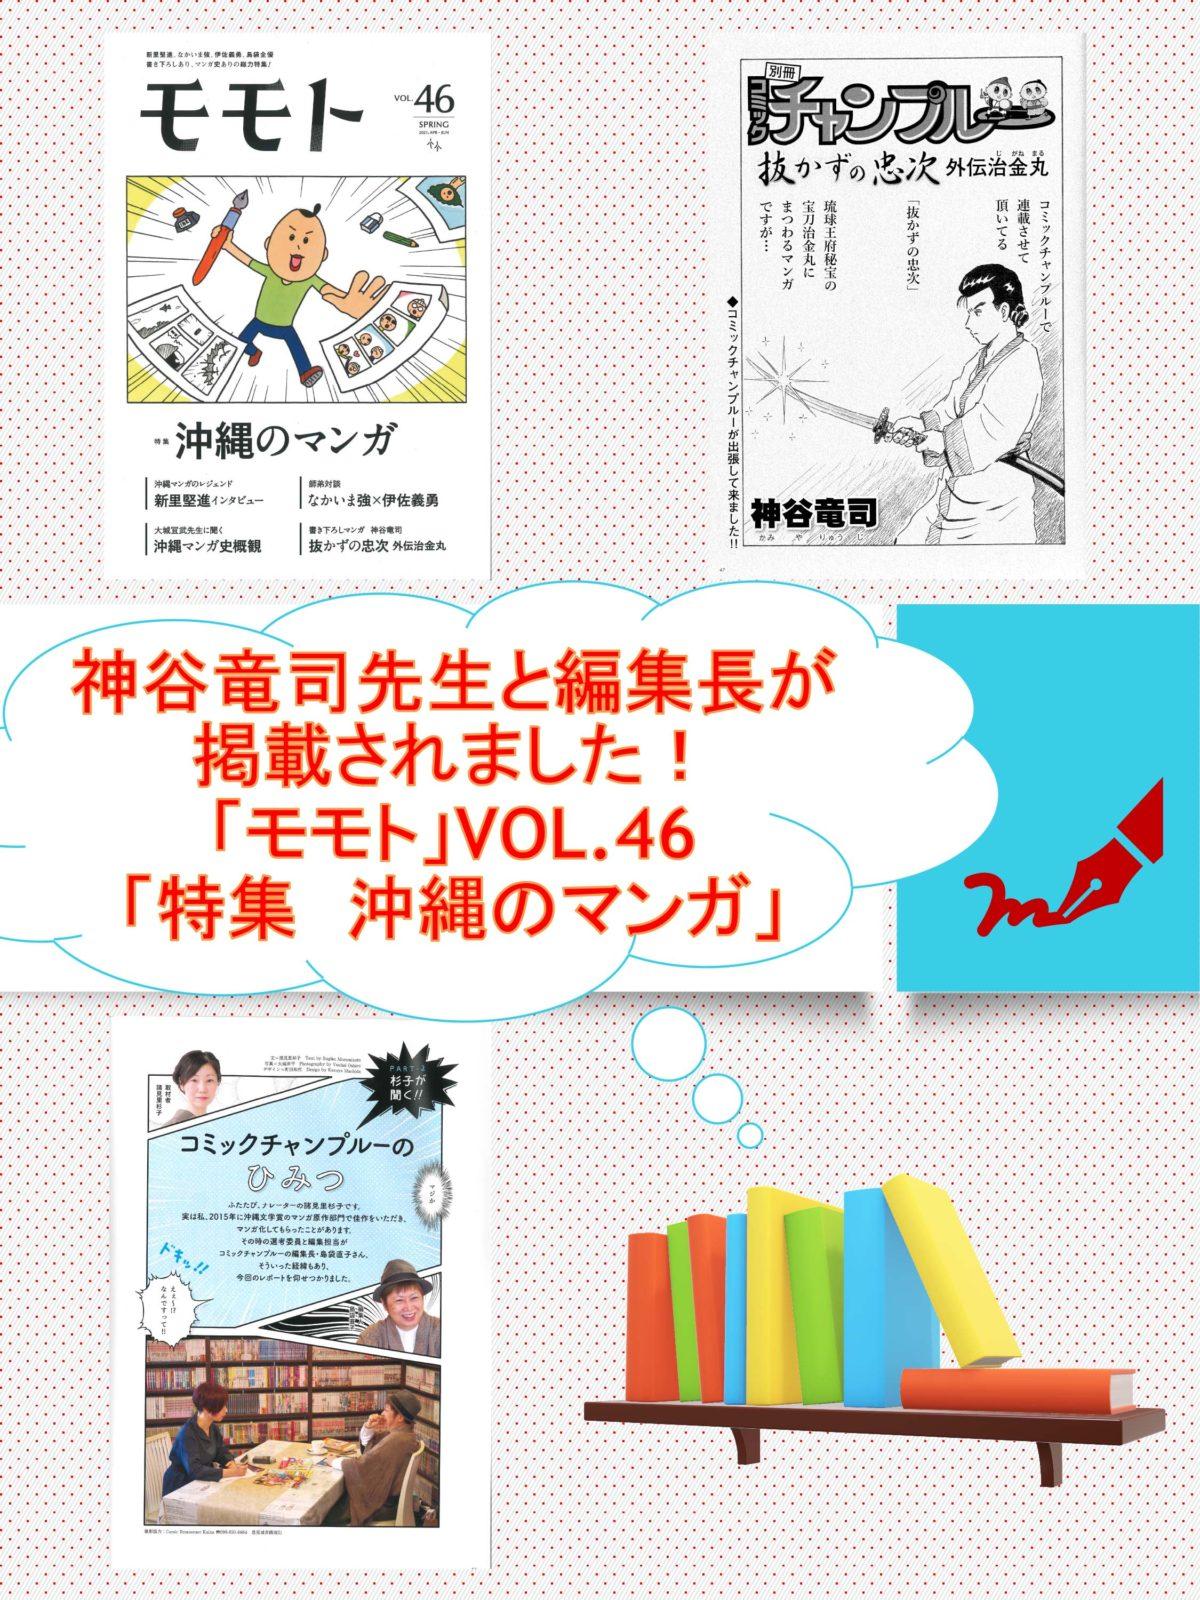 神谷竜司先生と編集長が掲載されました!「モモト」VOL.46「特集 沖縄のマンガ」